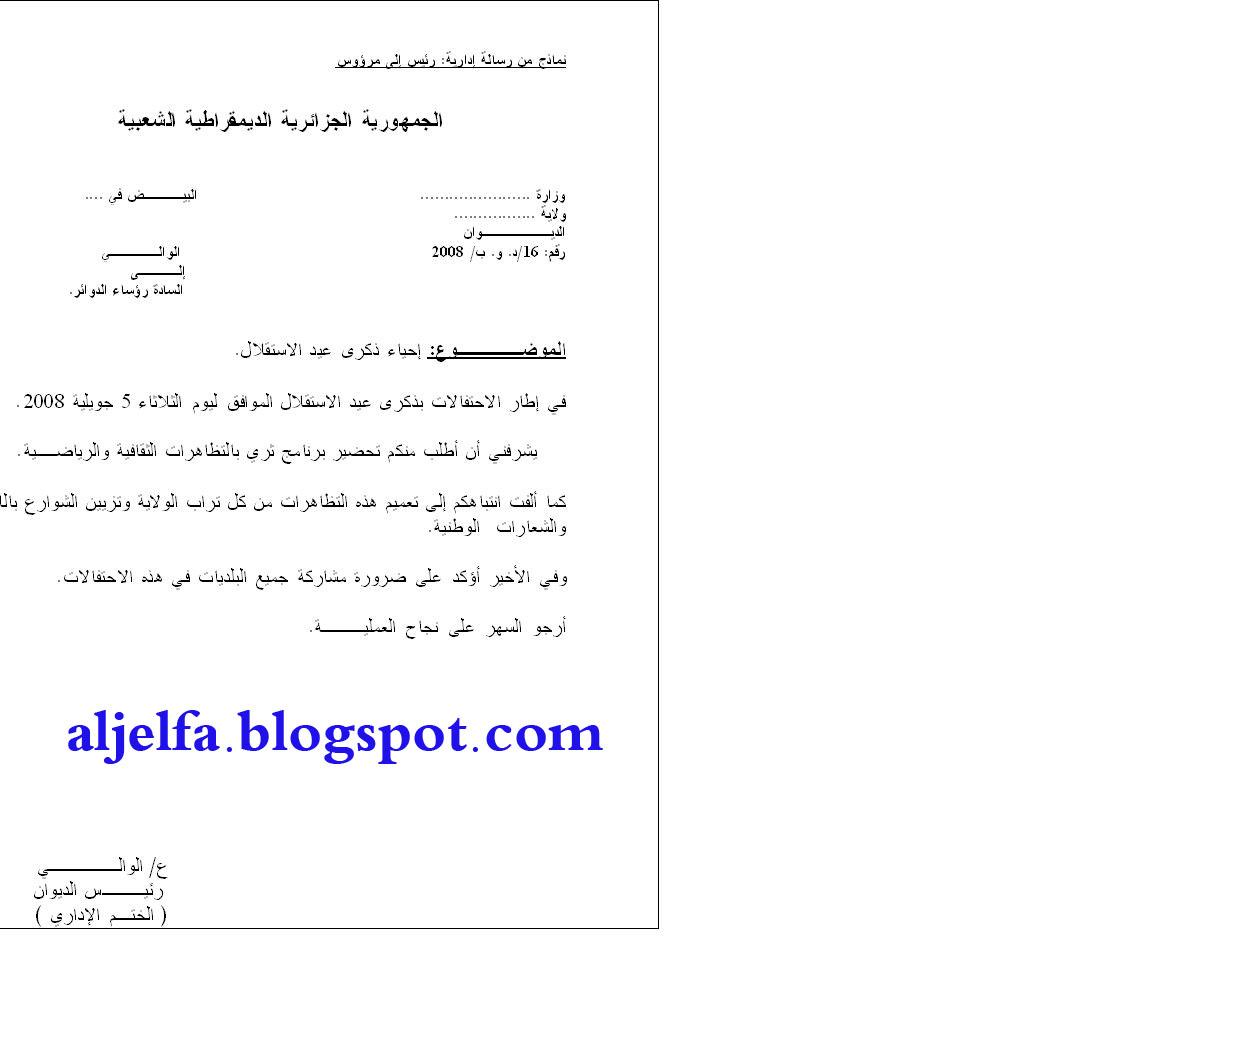 Blog Ahl Djelfa مدونةاهل الجلفة نماذج من الرسائل الادارية